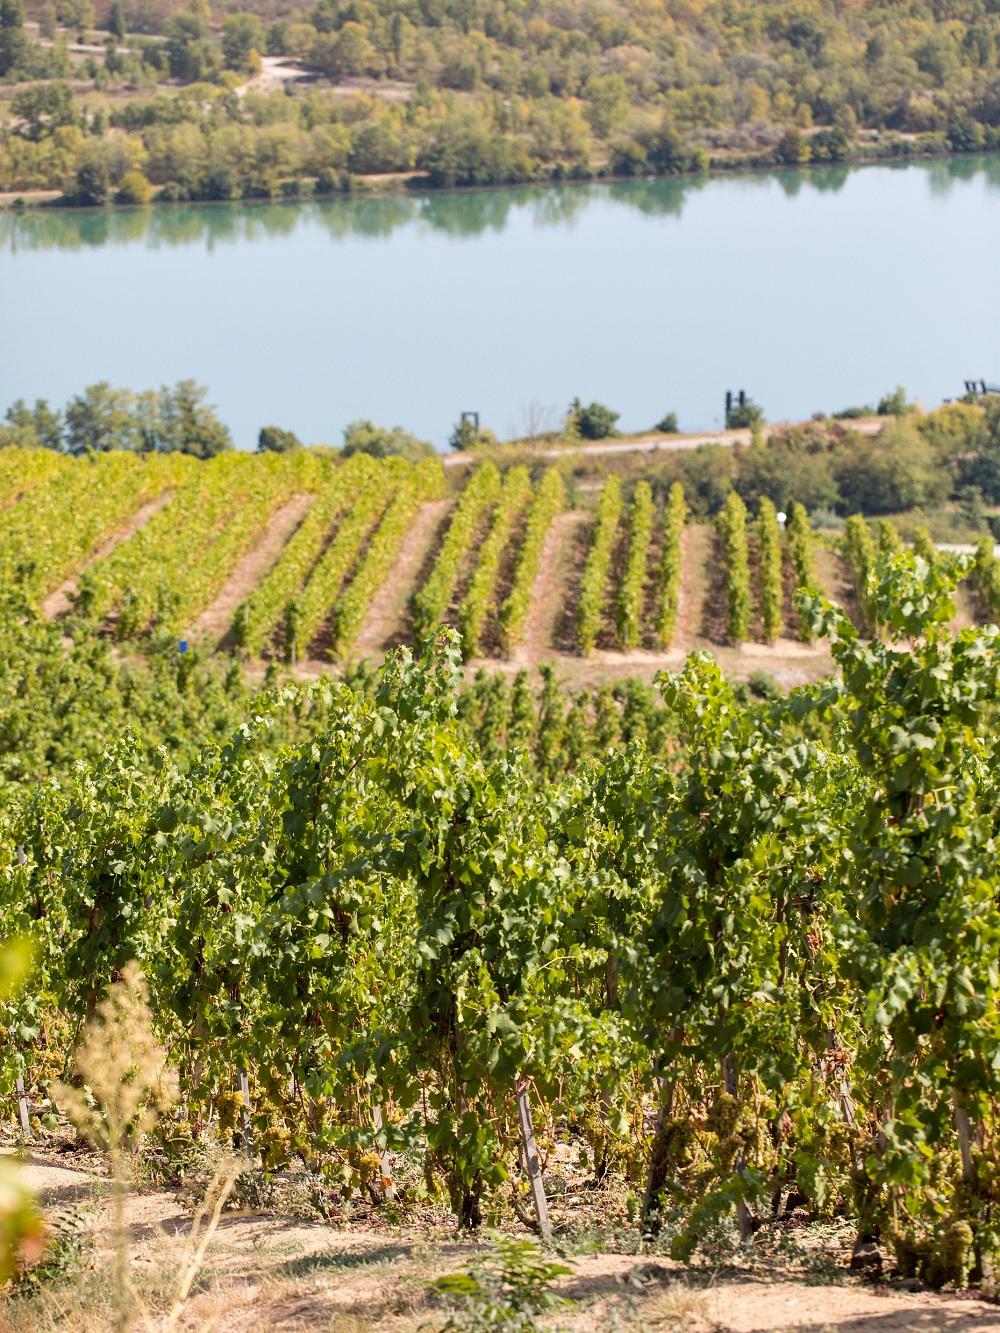 盘点21世纪罗纳河谷葡萄园的优秀年份